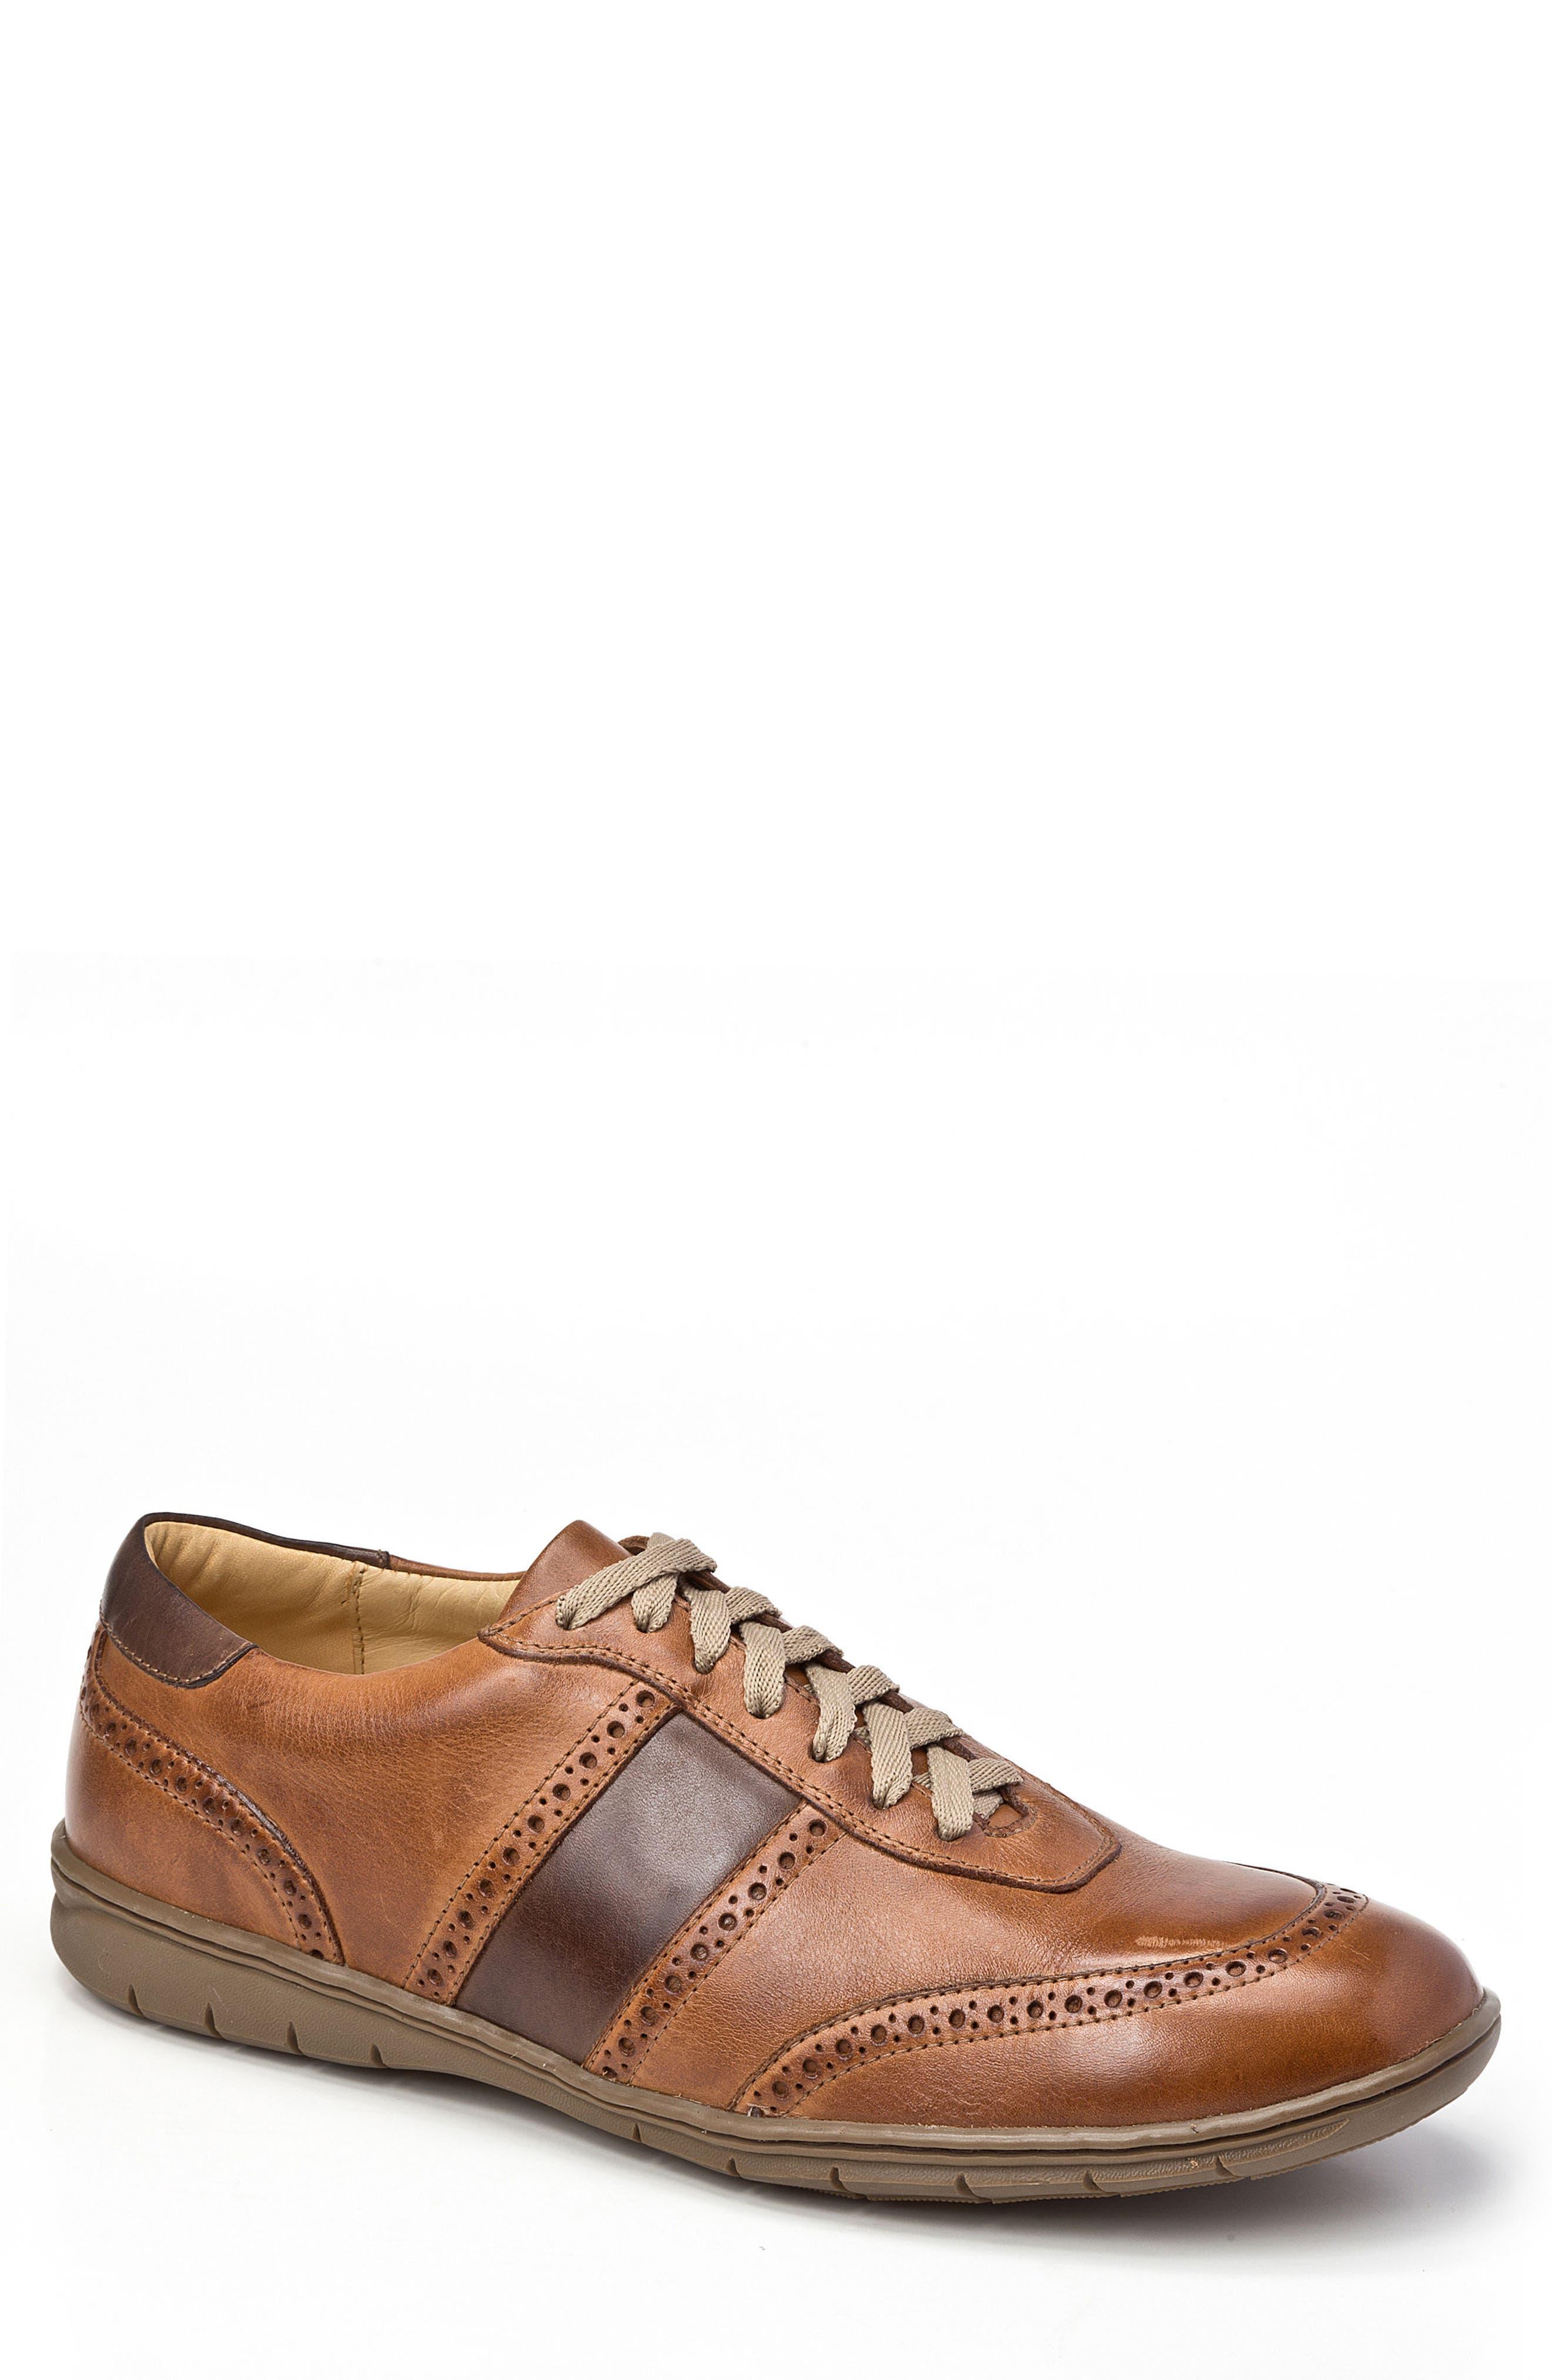 Norris Sneaker,                         Main,                         color, TAN LEATHER